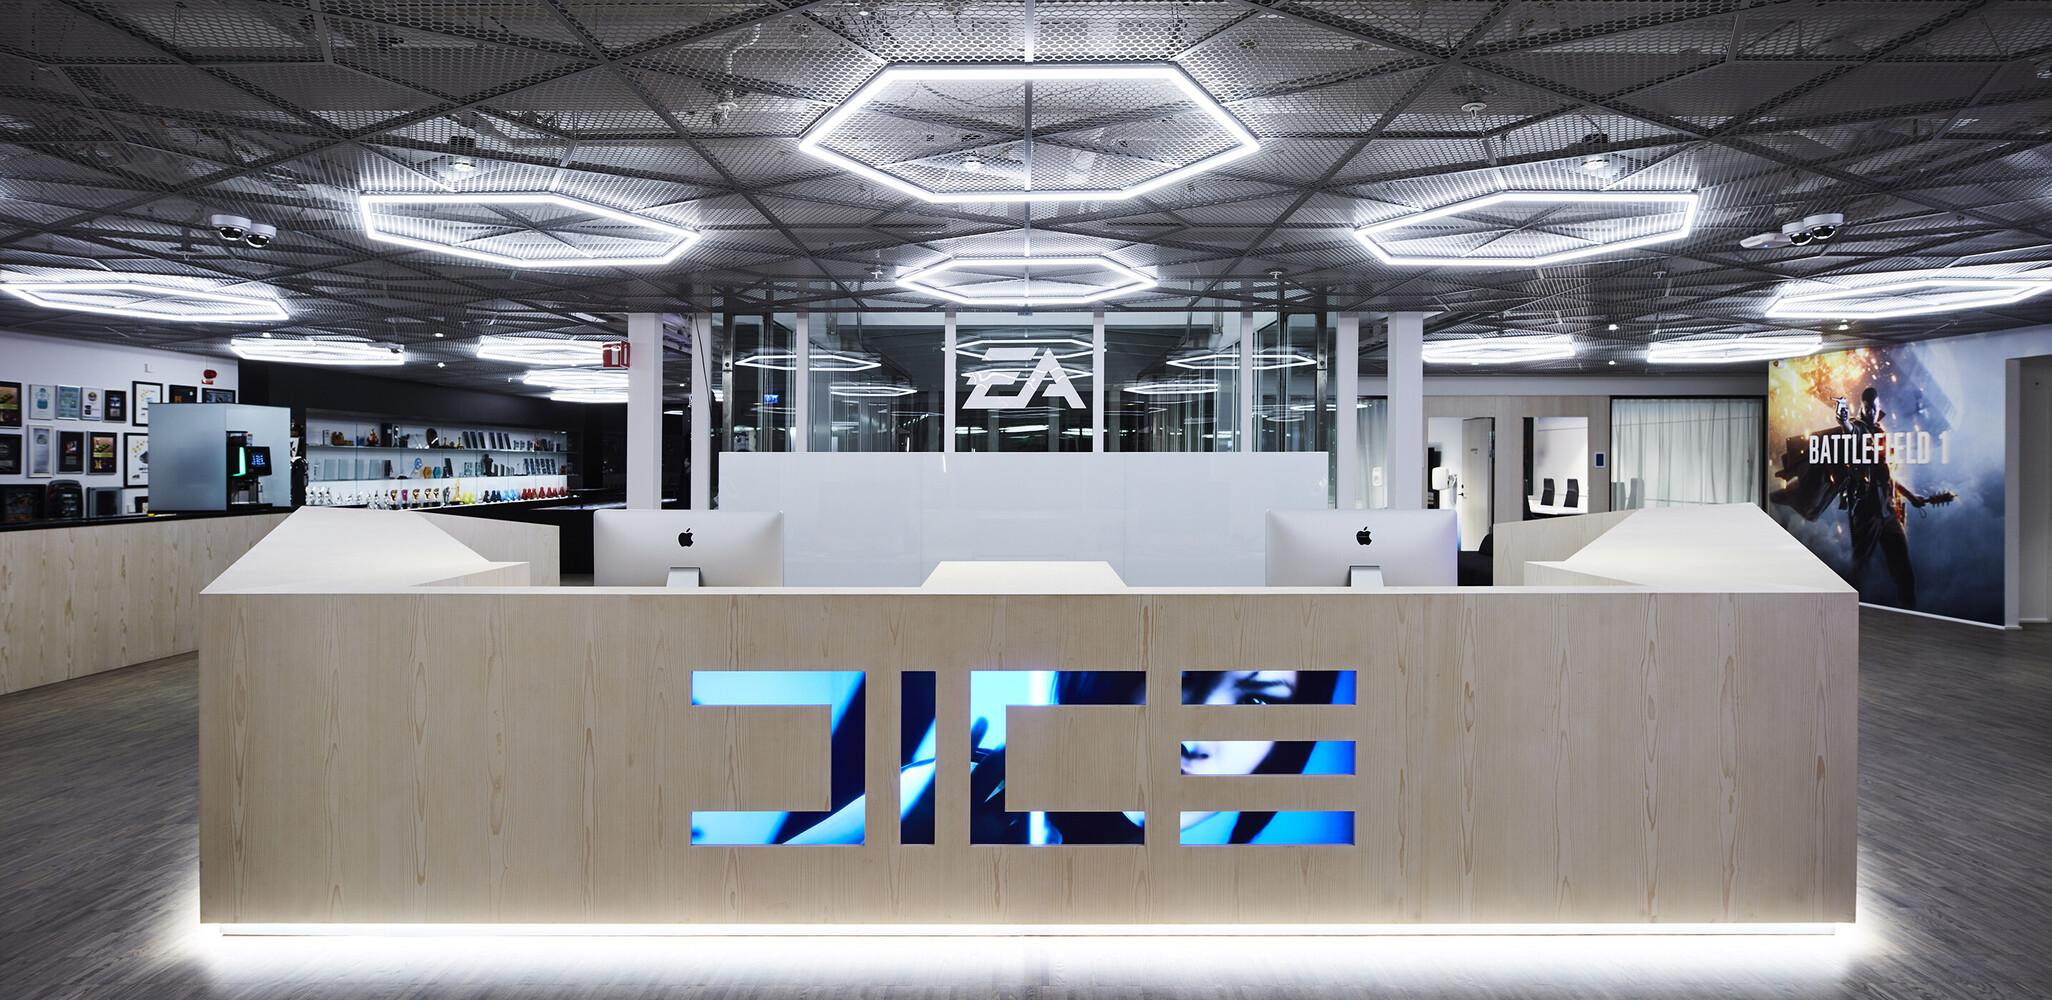 Хакеры взломали серверы EA и украли 780 ГБ данных